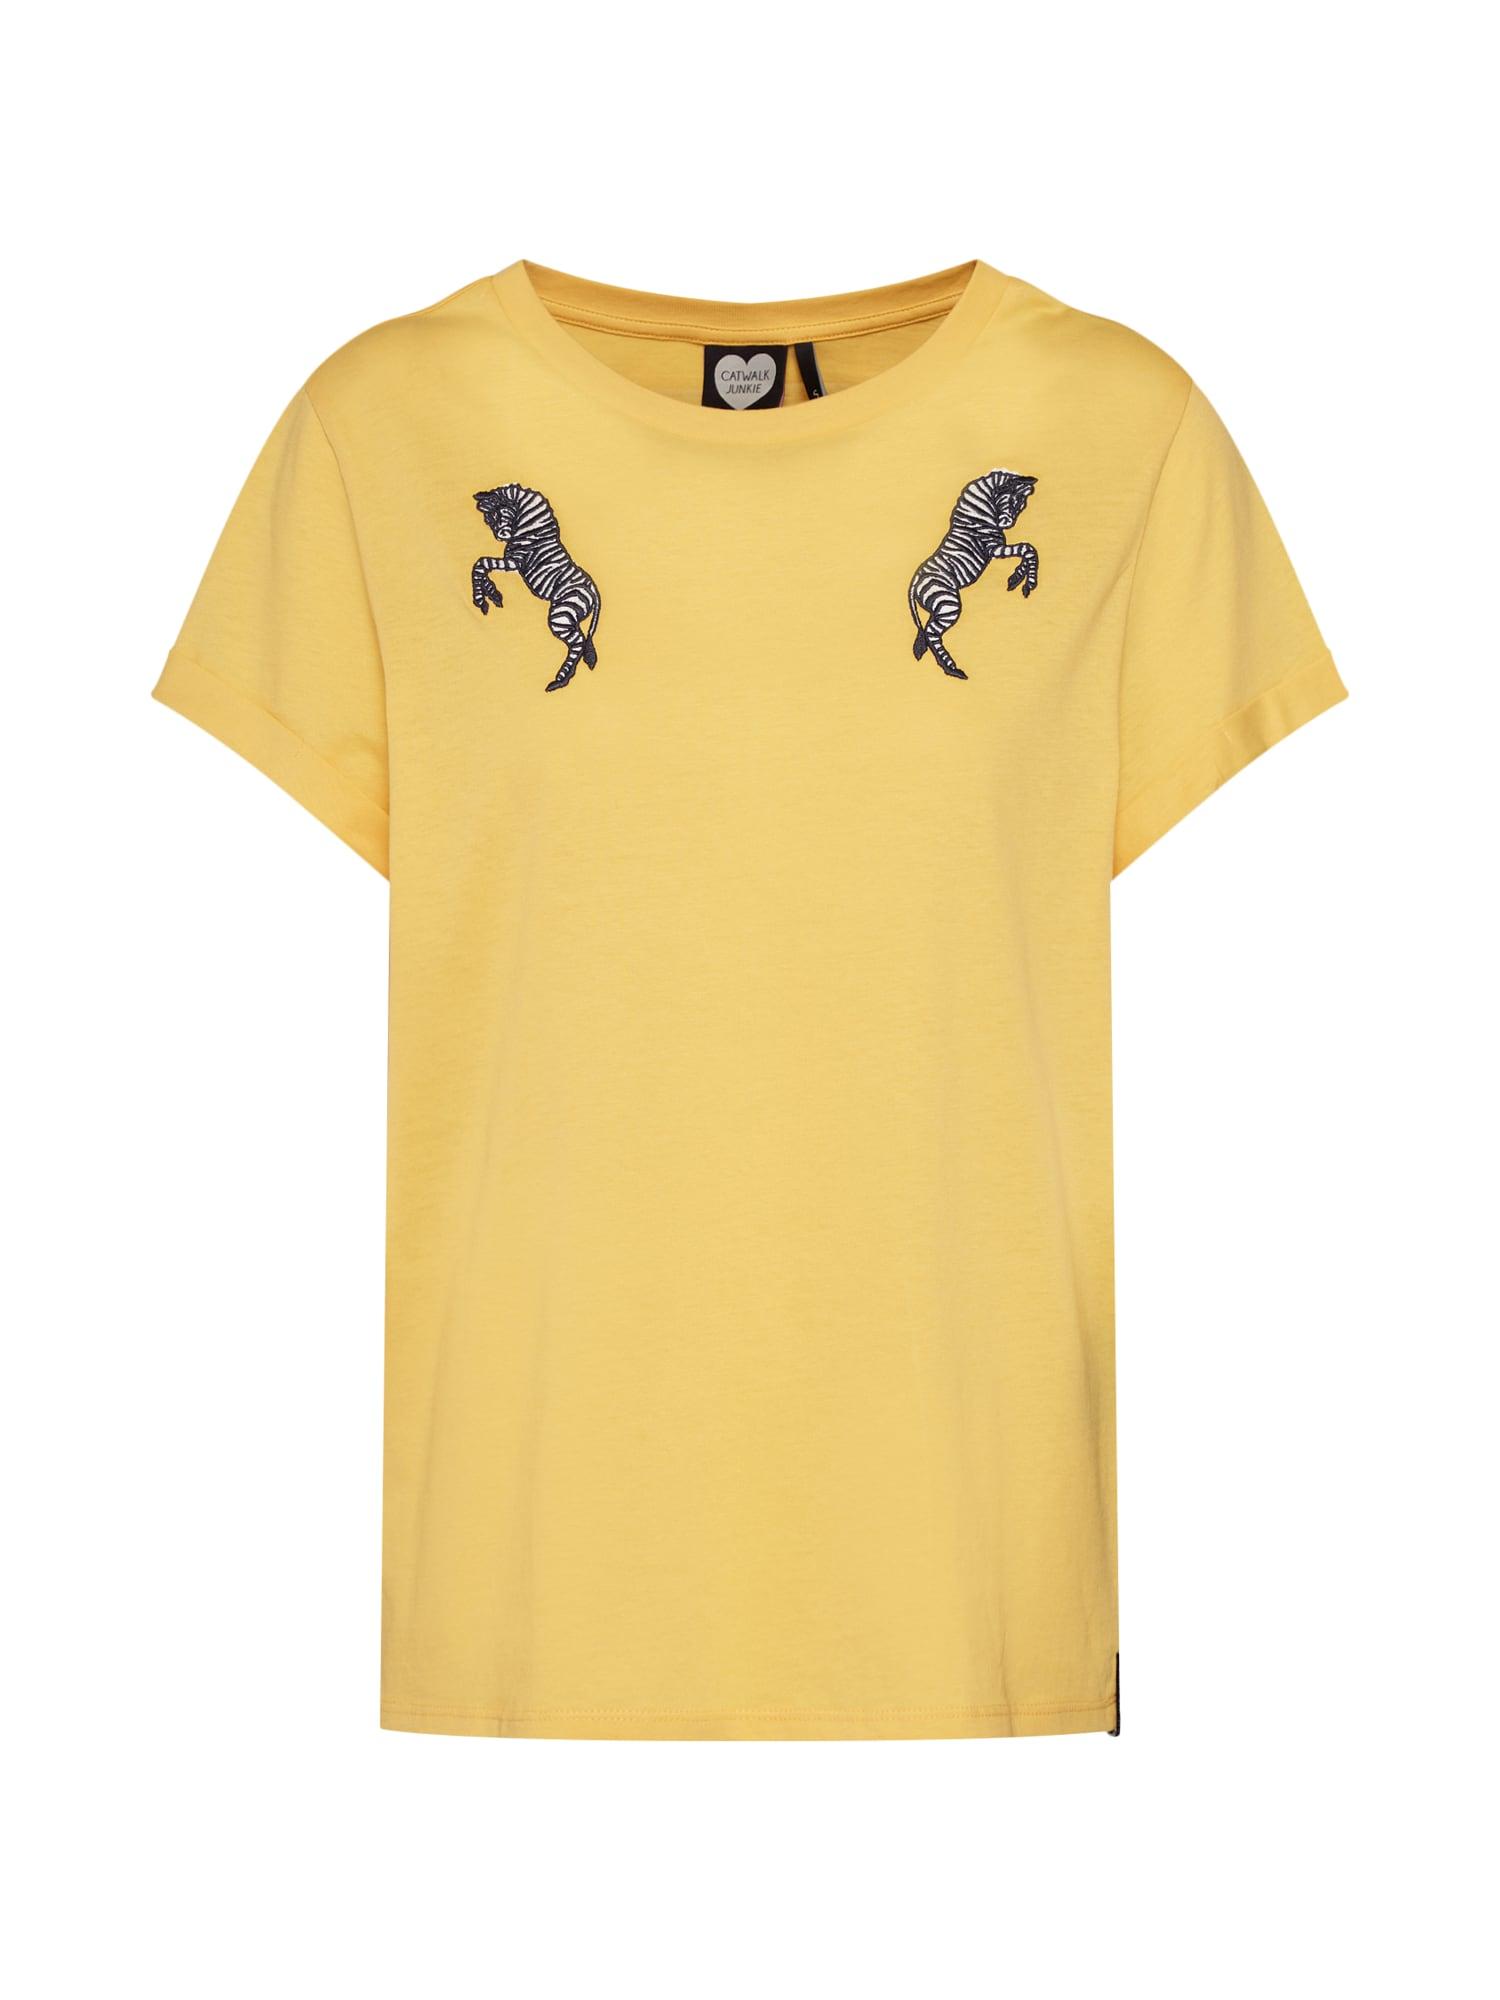 Tričko TS WILD ZEBRA žlutá CATWALK JUNKIE